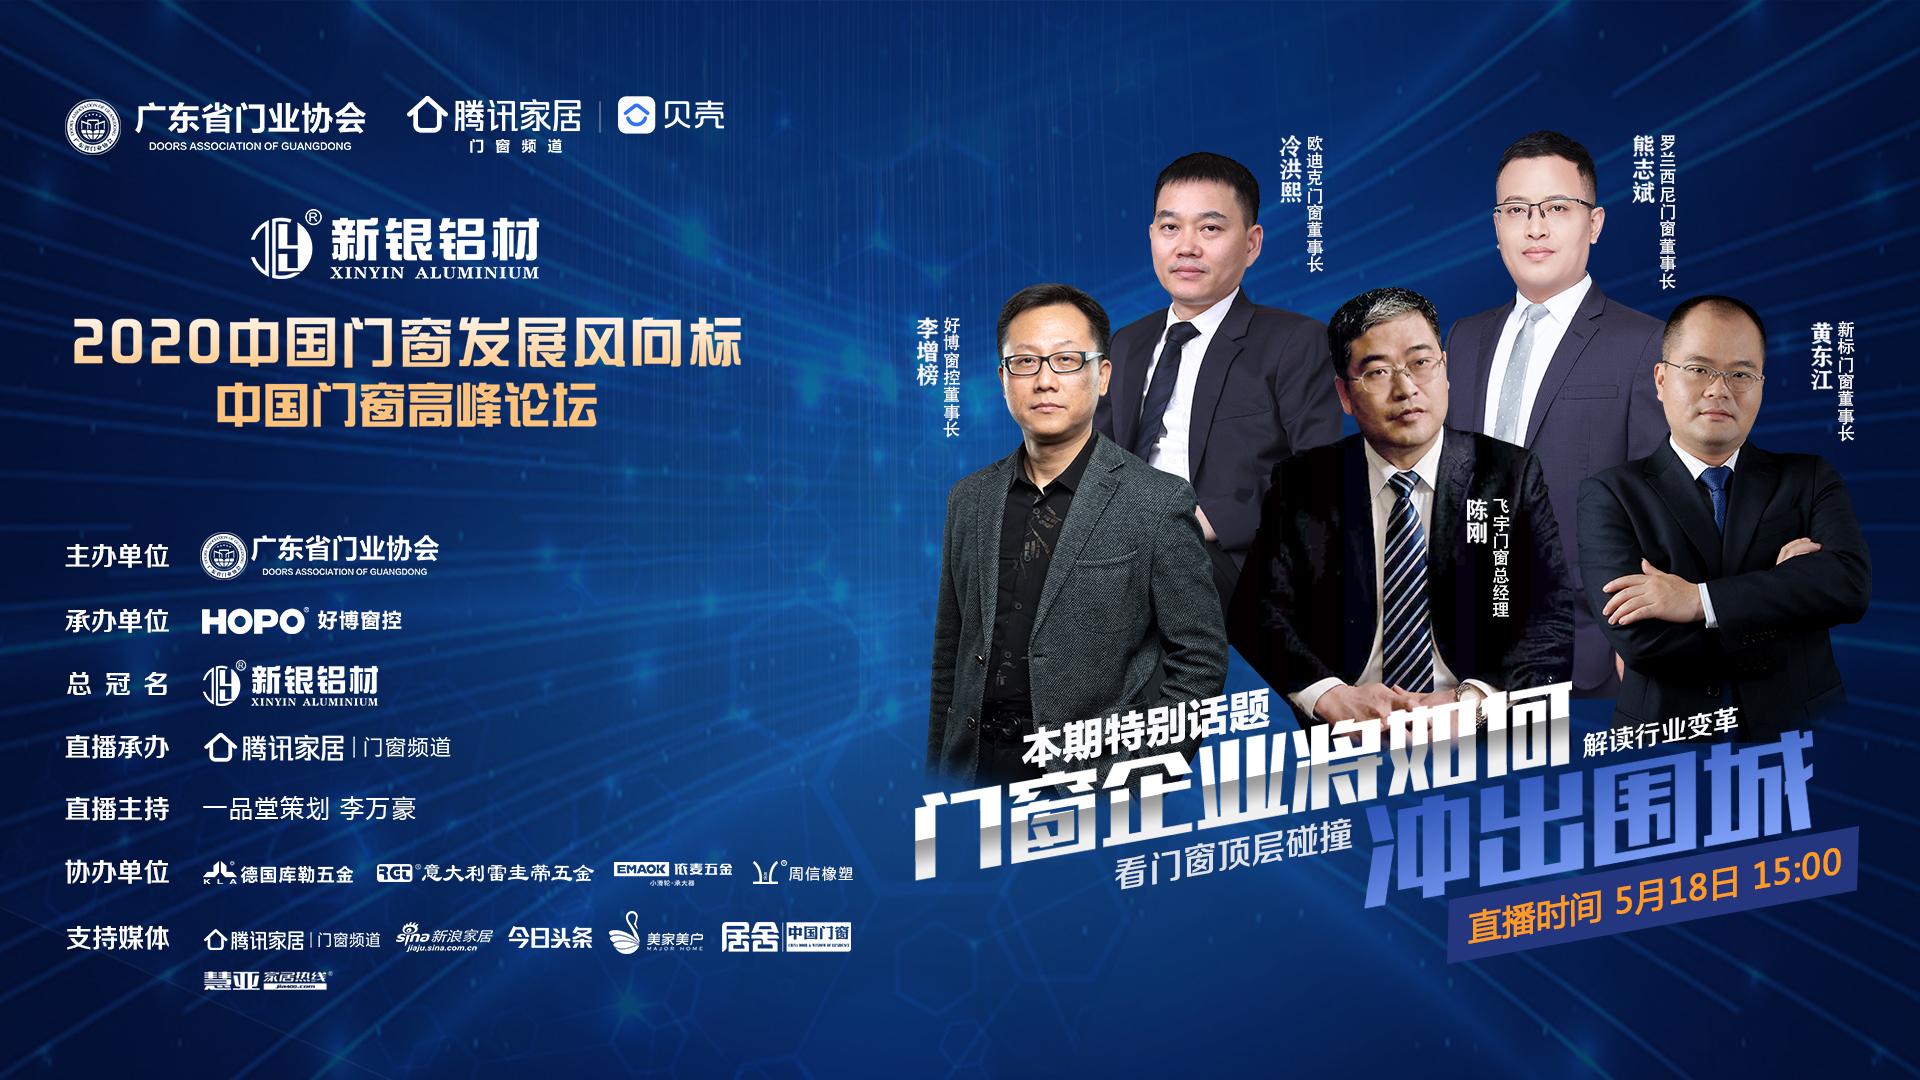 騰訊直播|2020中國門窗發展風向標中國門窗高峰論壇